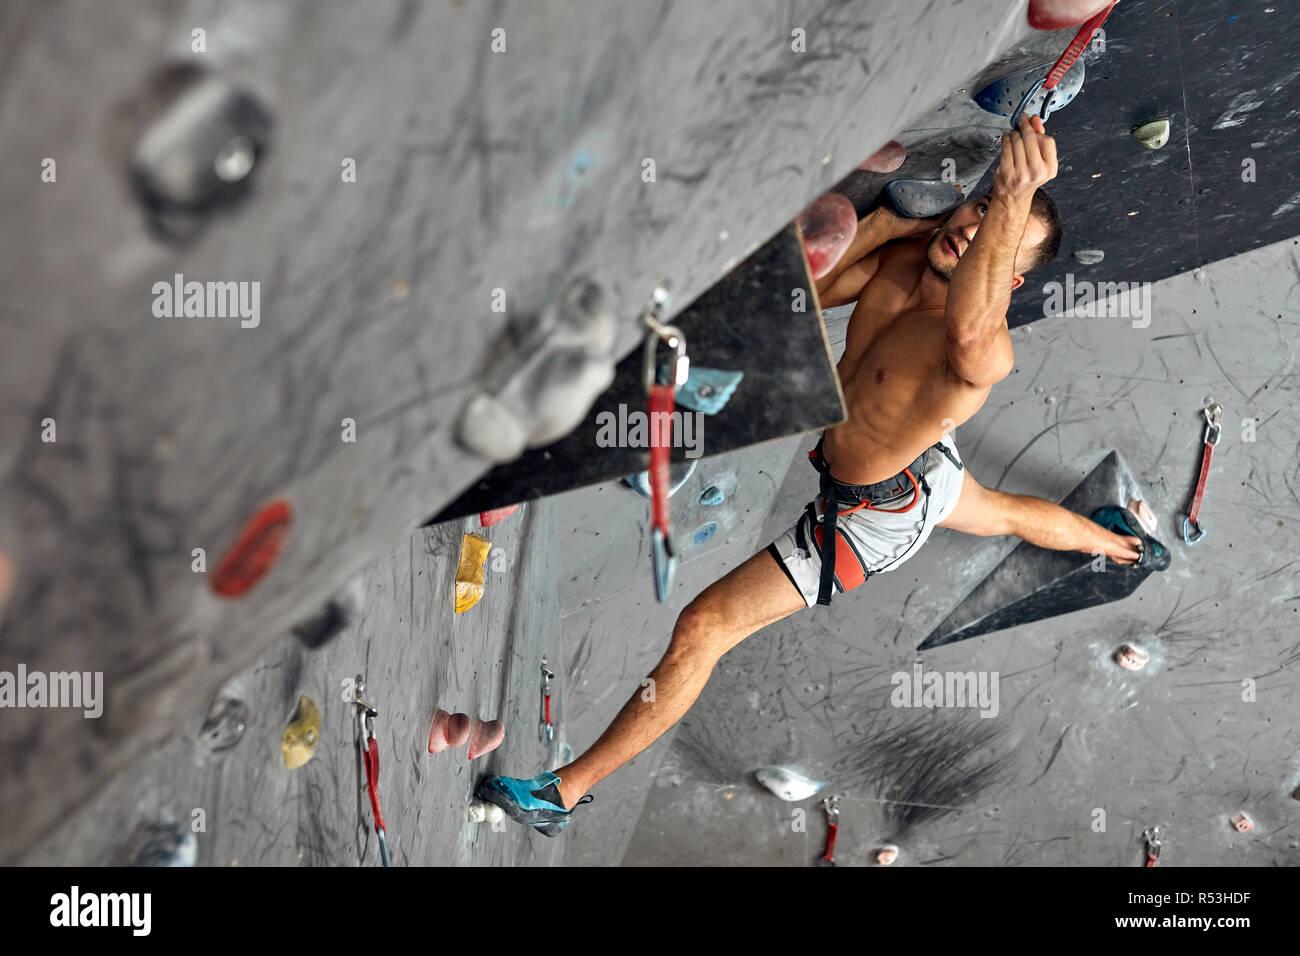 Trepador profesional masculino en Indoor Workout a trepar rocas centro. Foto de stock